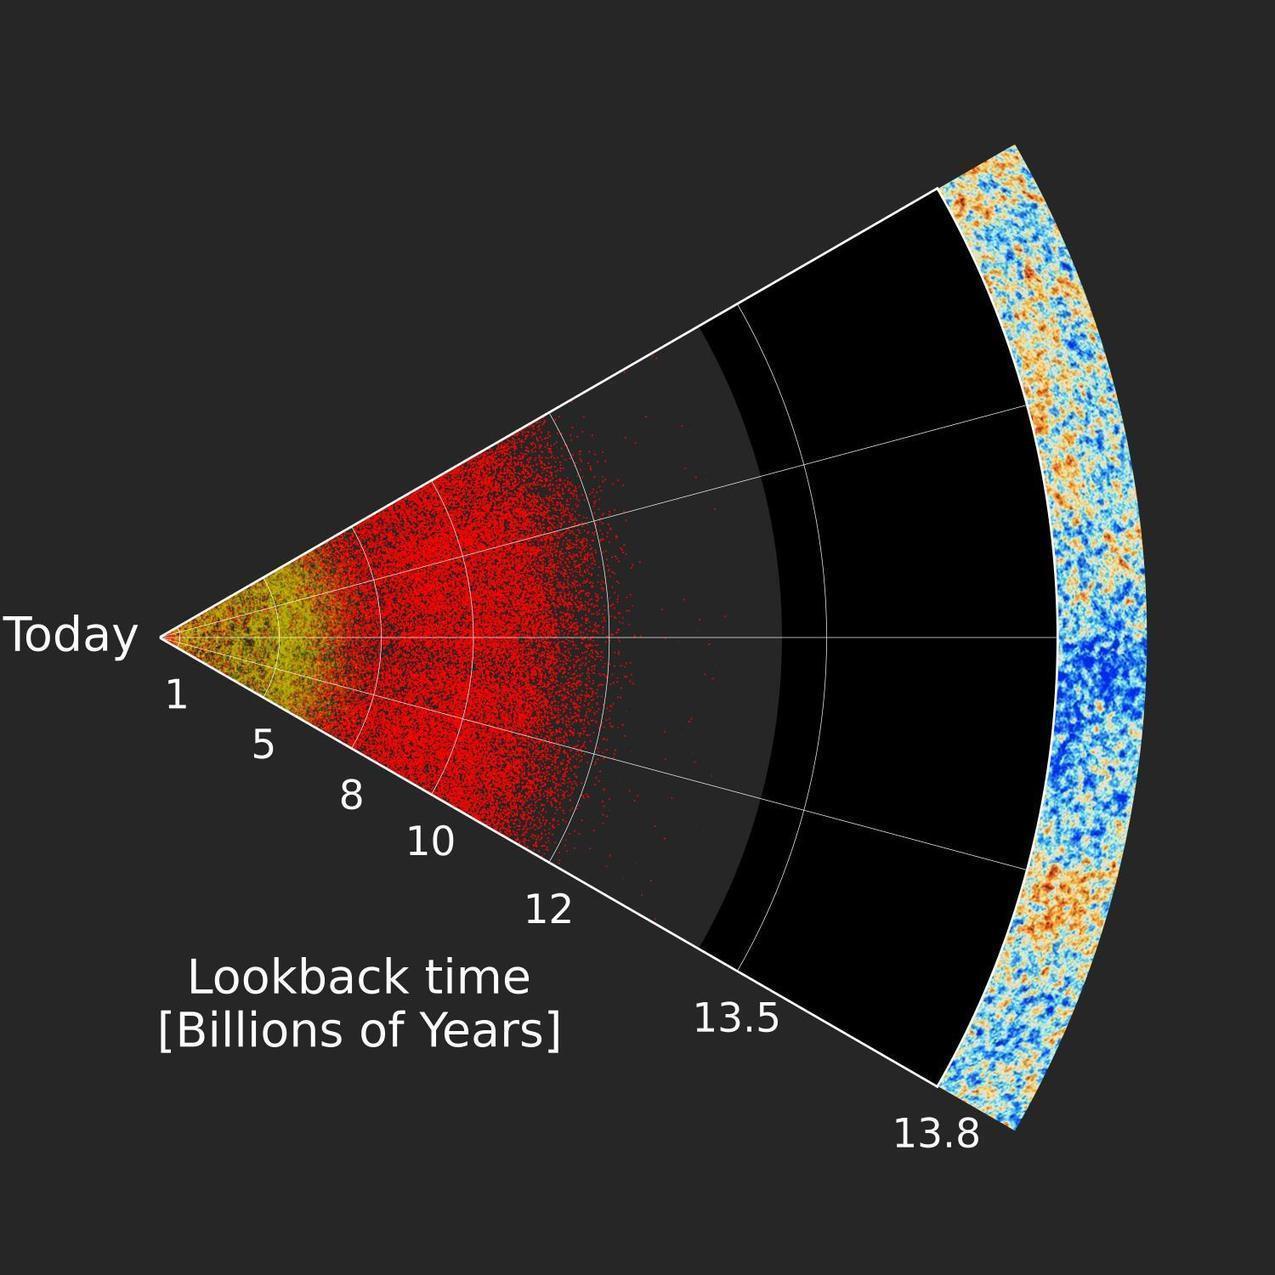 Crean el primer mapa de los objetos celestes más luminosos del universo | Cosmos